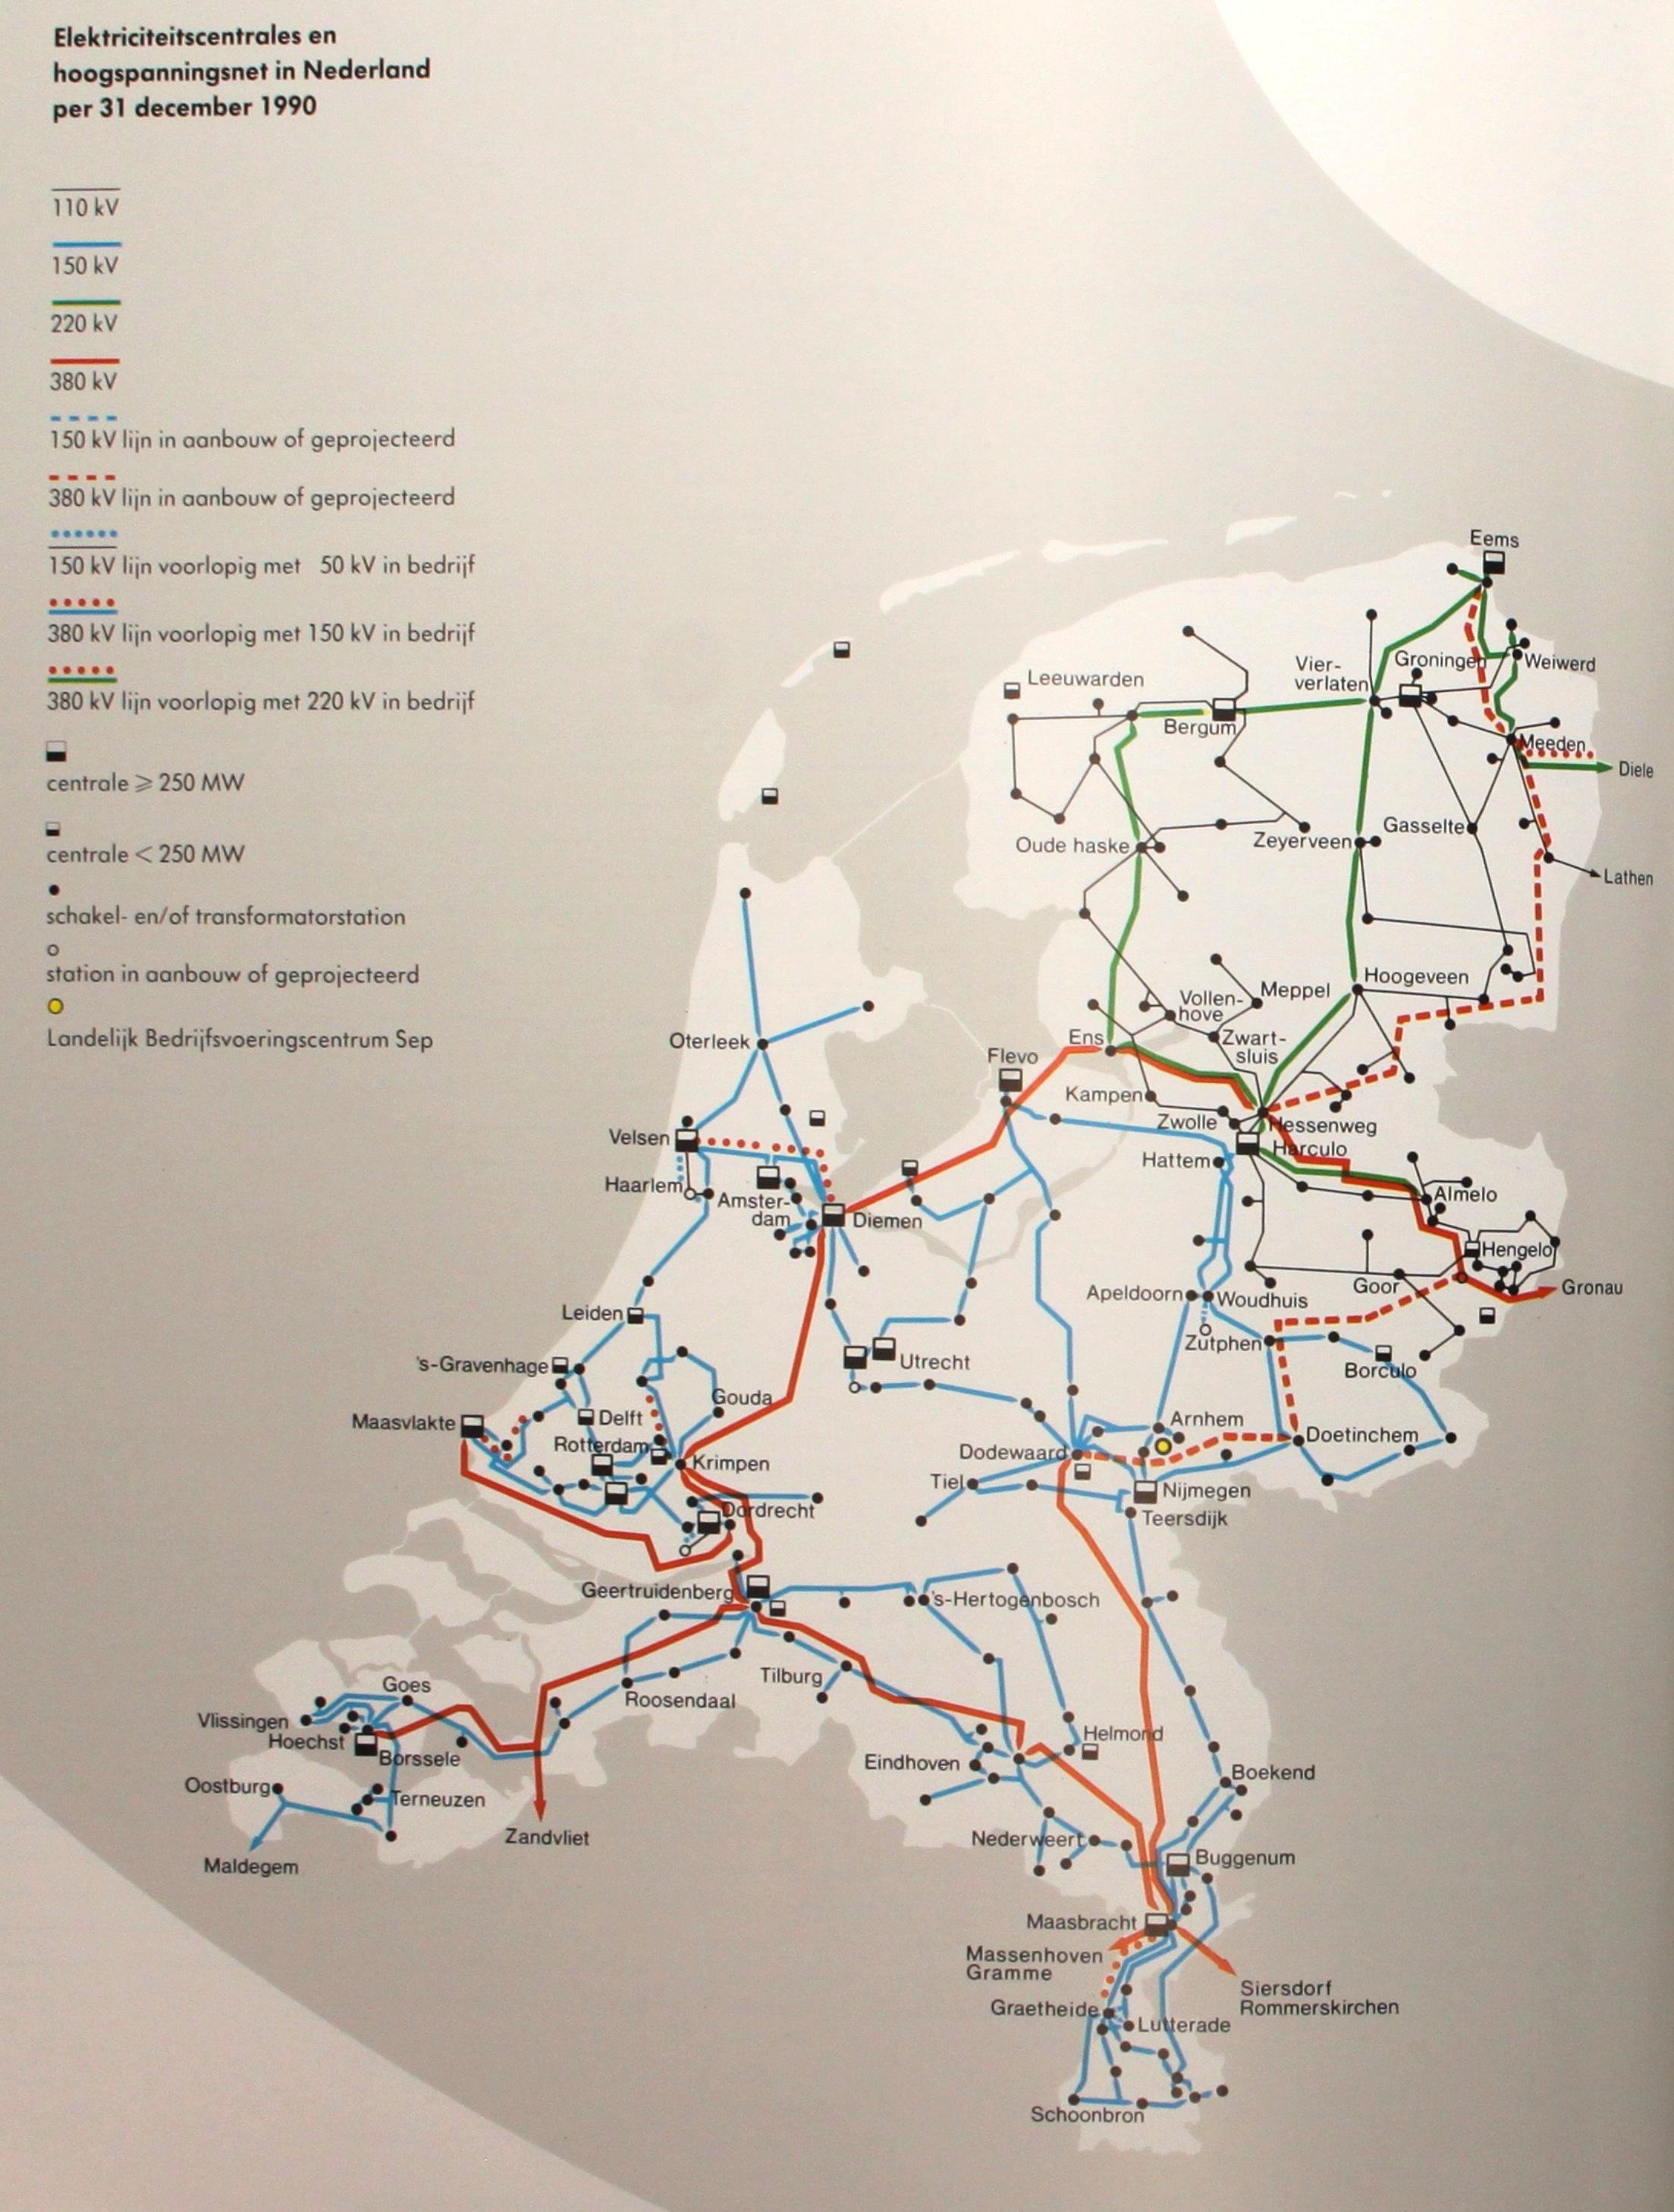 Netkaart van 1990